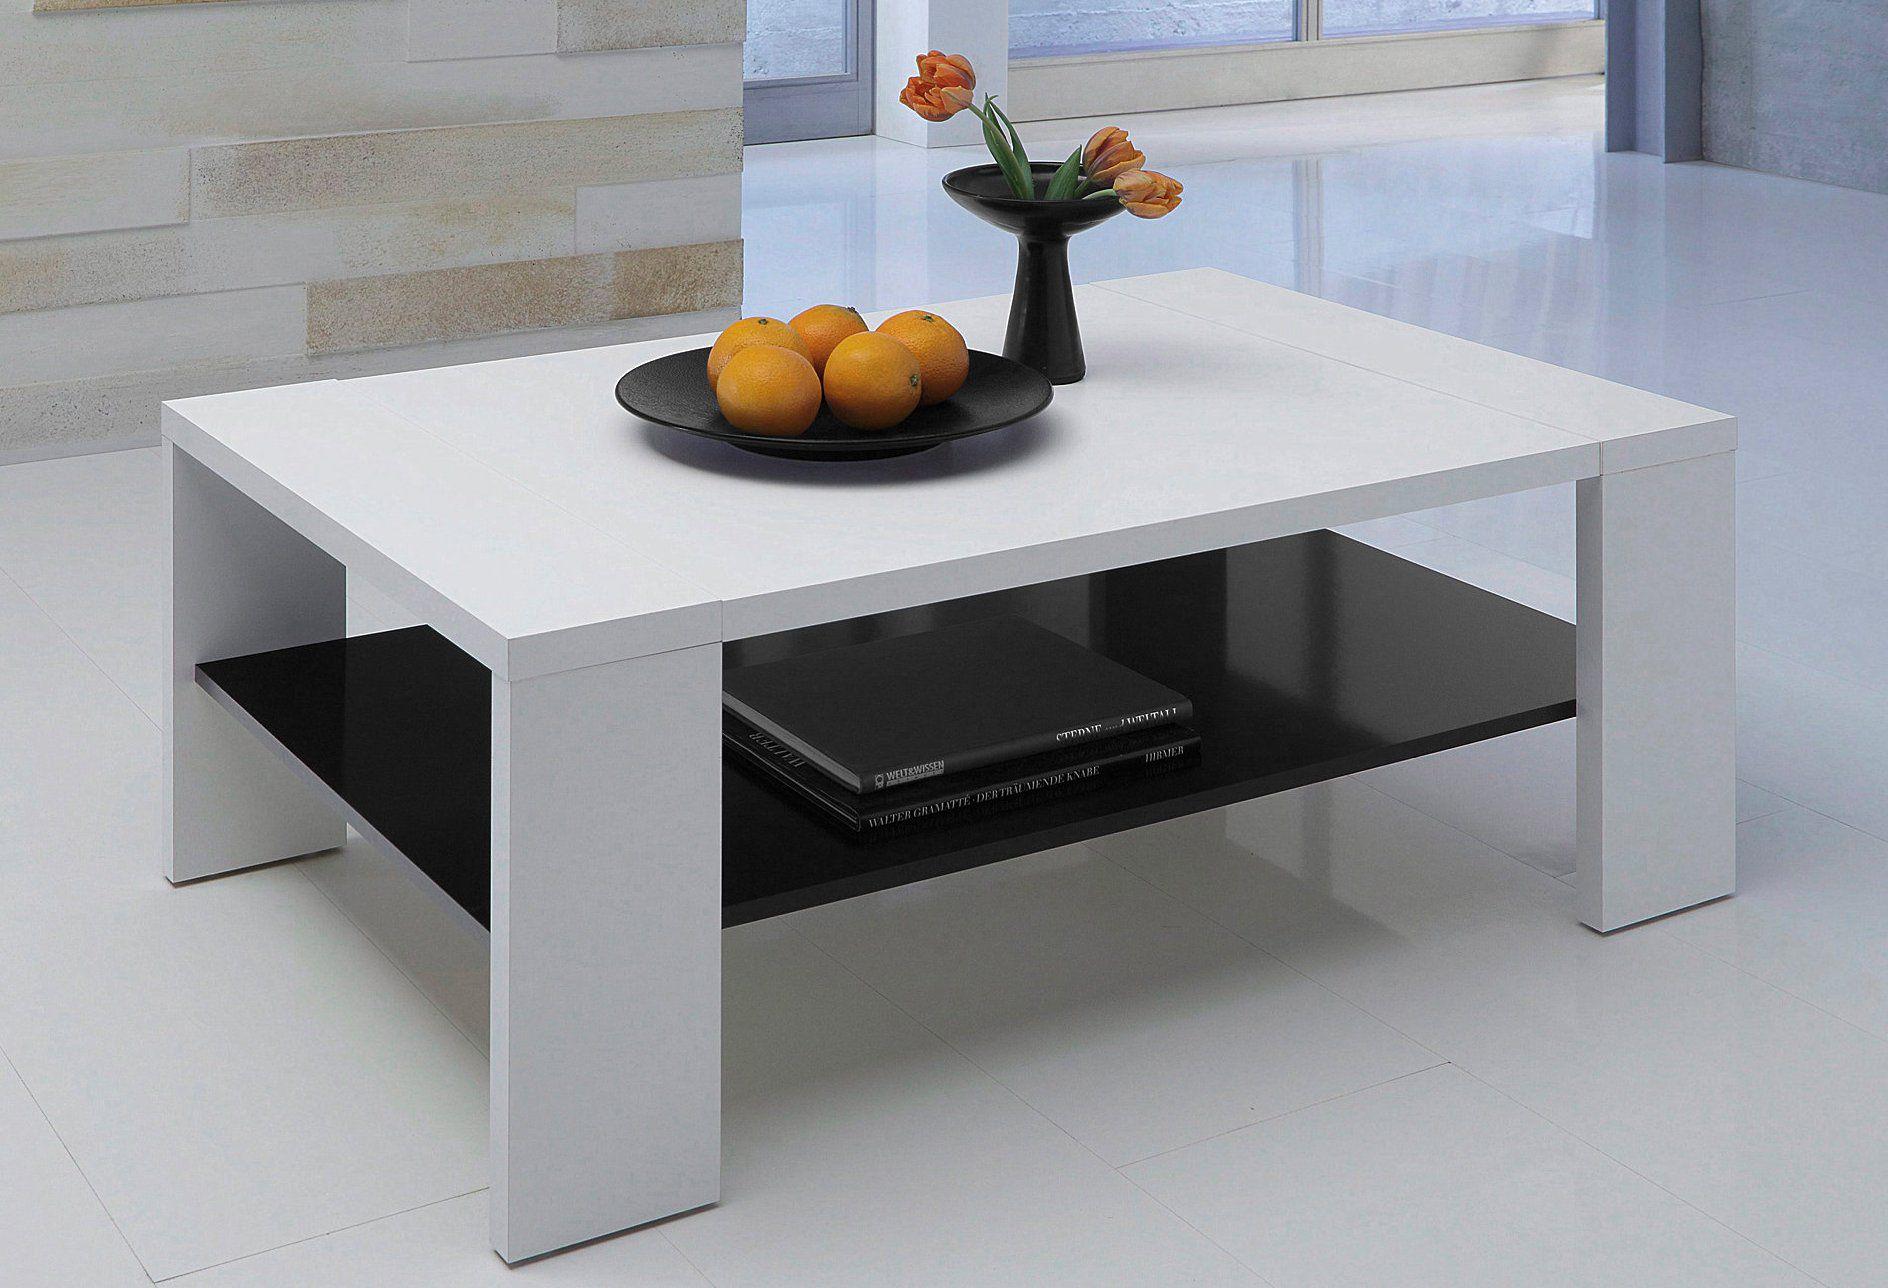 couchtisch ablageboden g nstig online kaufen beim schwab versand. Black Bedroom Furniture Sets. Home Design Ideas